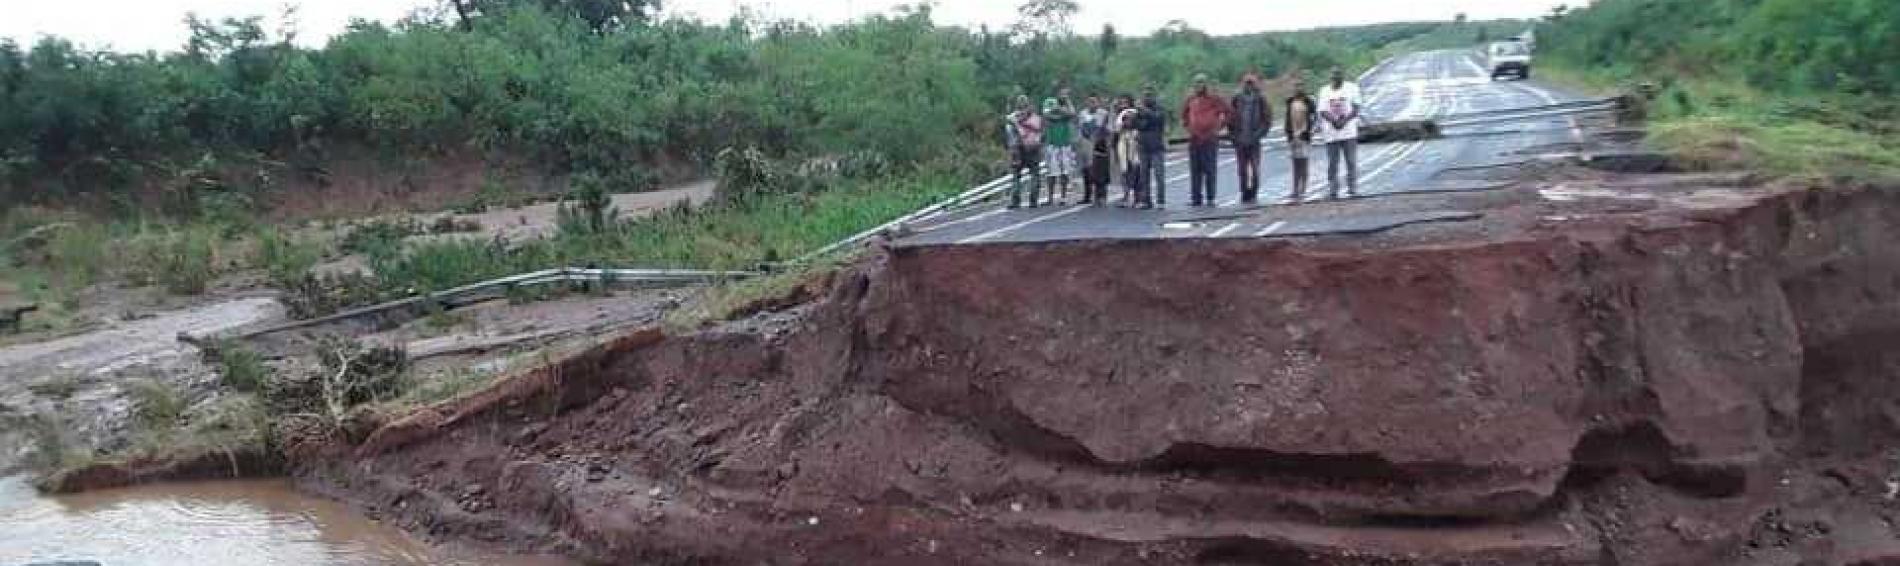 Carretera destrozada tras el ciclón Idai en Mozambique